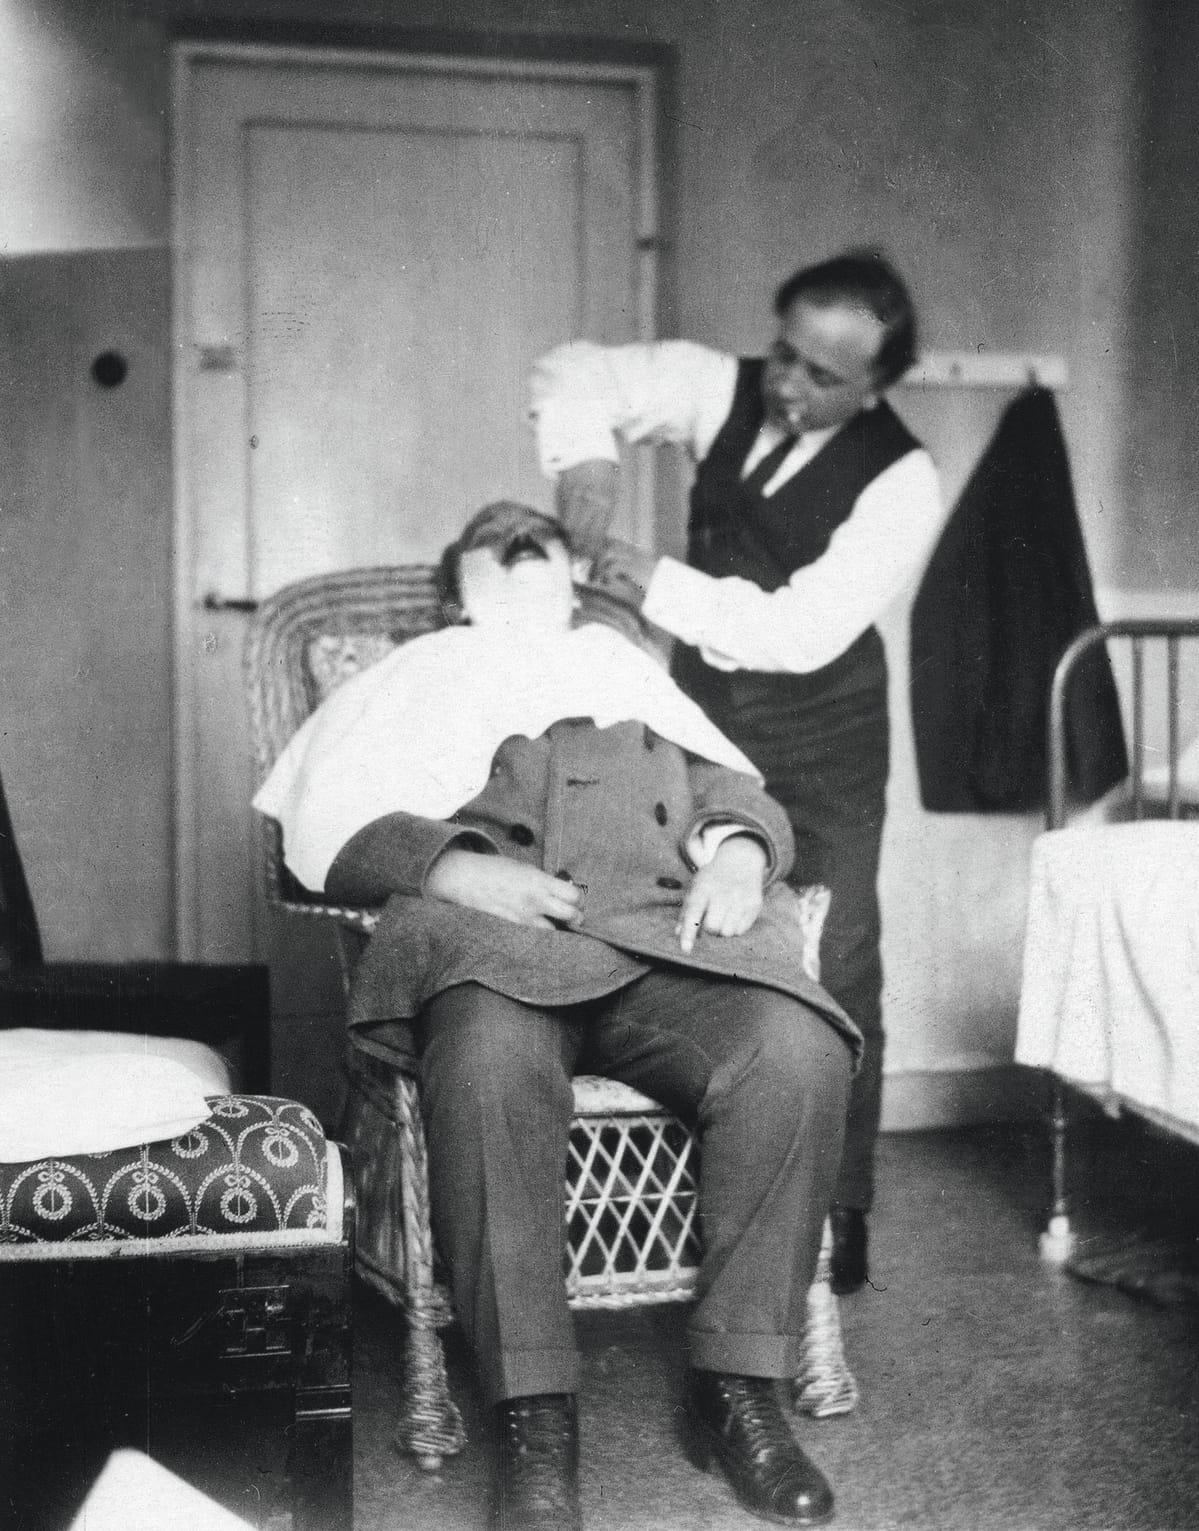 Taiteilija Felix Nylund ajaa runoilija Eino Leinon partaa Bad Grankullassa vuonna 1923.